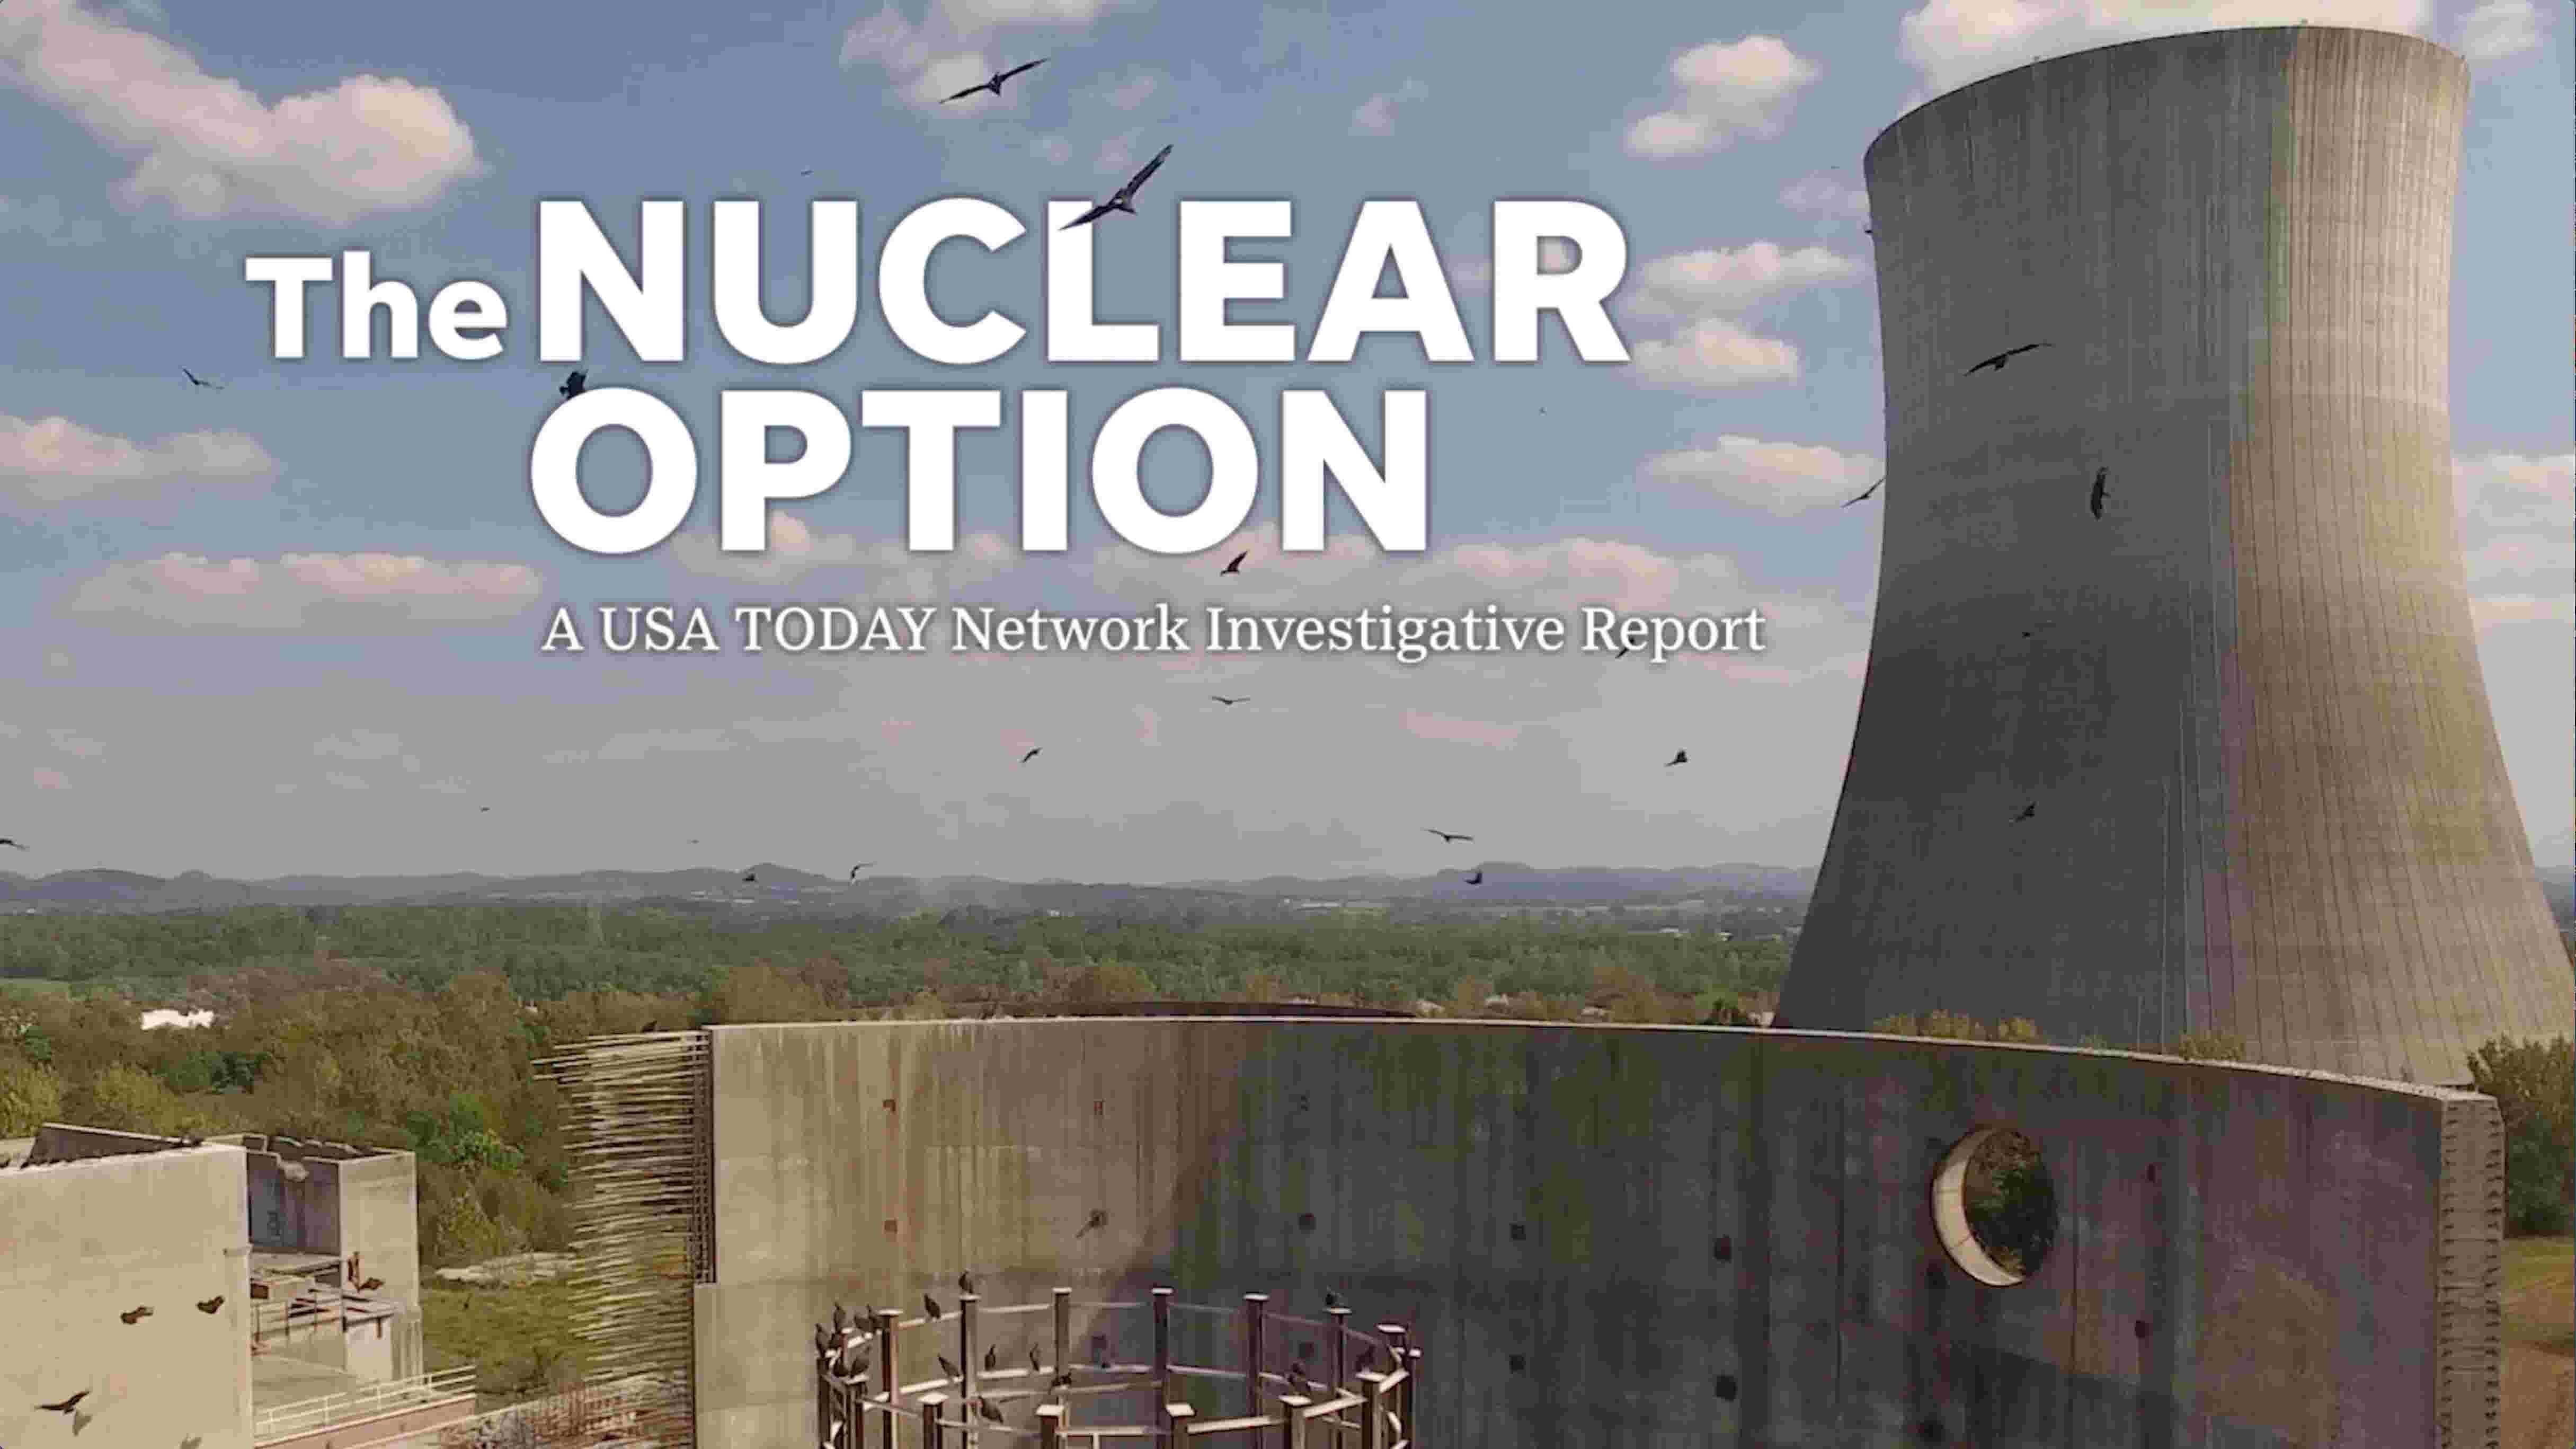 Documentary: The Nuclear Option